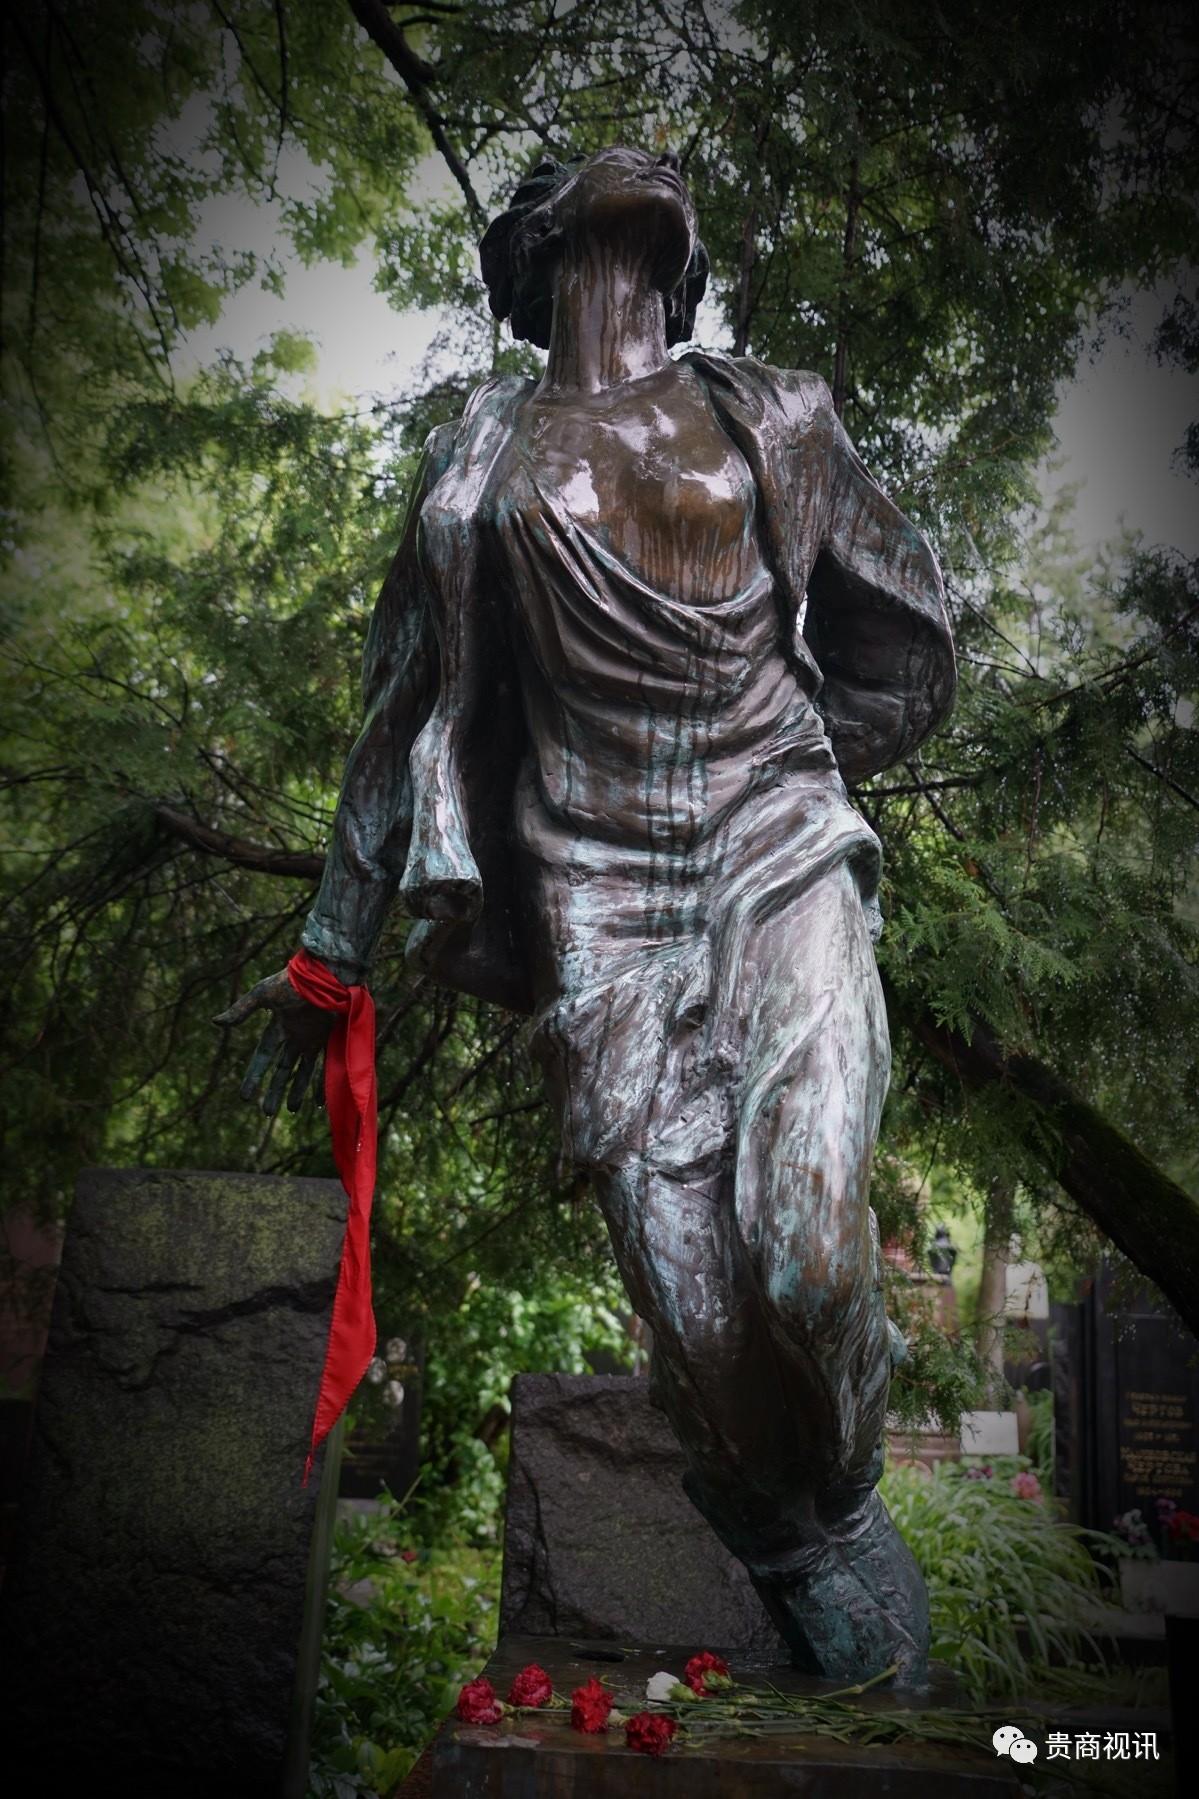 卓娅雕像,最具震撼力的雕塑作品。  女英雄卓娅(1923-1941)―苏联的刘胡兰  形象感人至深:深灰色大理石雕的卓娅,在无畏就义前,双手被紧缚在背后,衣衫破碎,头高高的向后昂起,挺着裸露的胸膛,仰望乌云密布的天空,短发和衣襟在风中飘扬,双脚前屈,即将腾空飞起的姿态让人难忘。